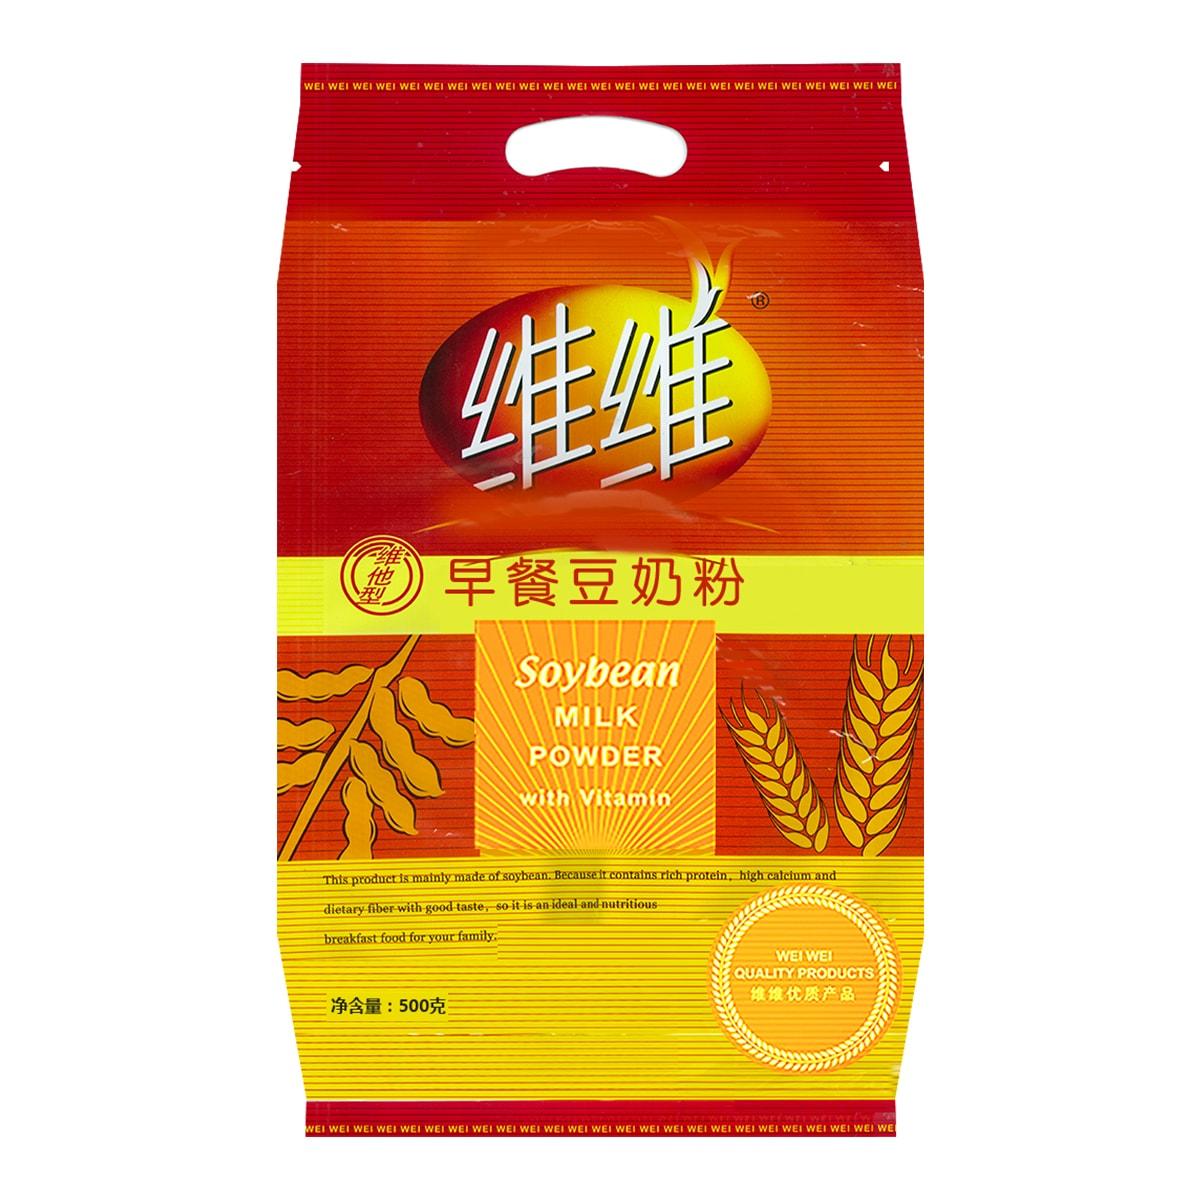 WEIWEI Breakfast Soybean Milk Powder 500g